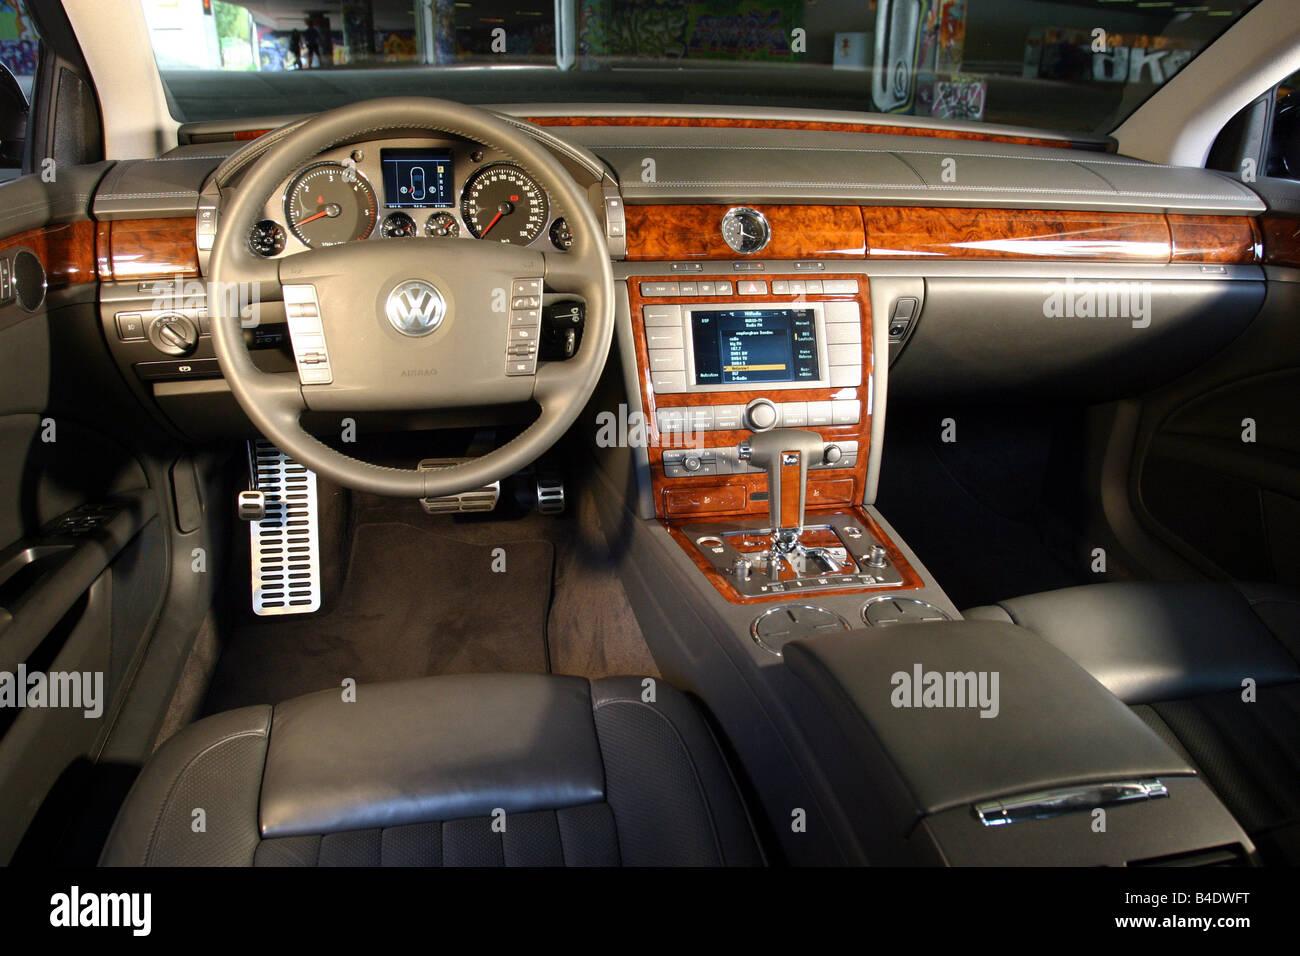 Car Vw Volkswagen Phaeton V10 Tdi Limousine Luxury Approx S